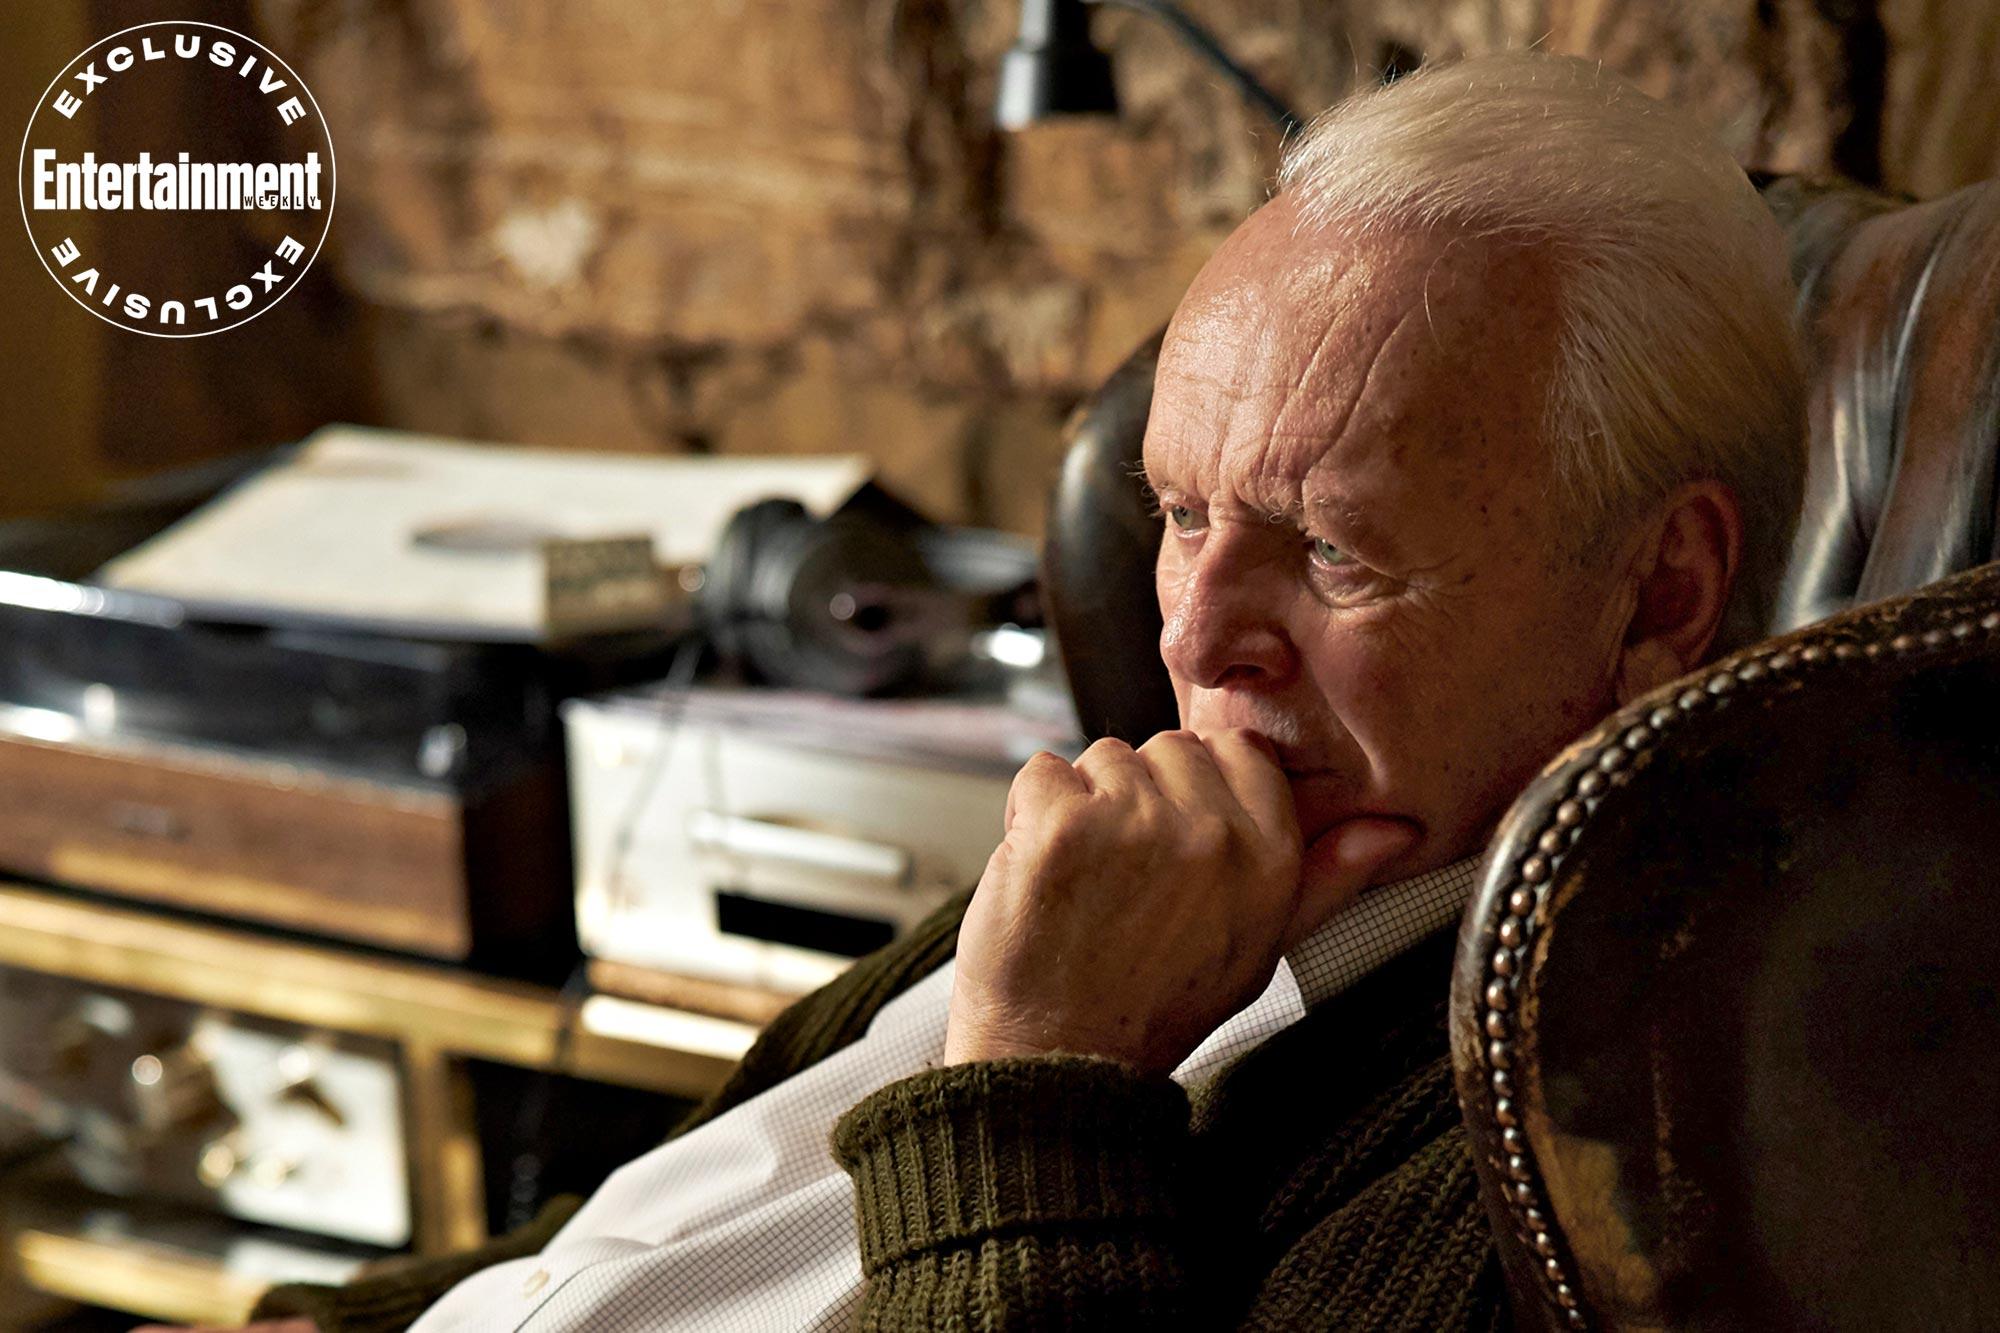 Anthony Hopkins draws Oscar buzz for The Father | EW.com